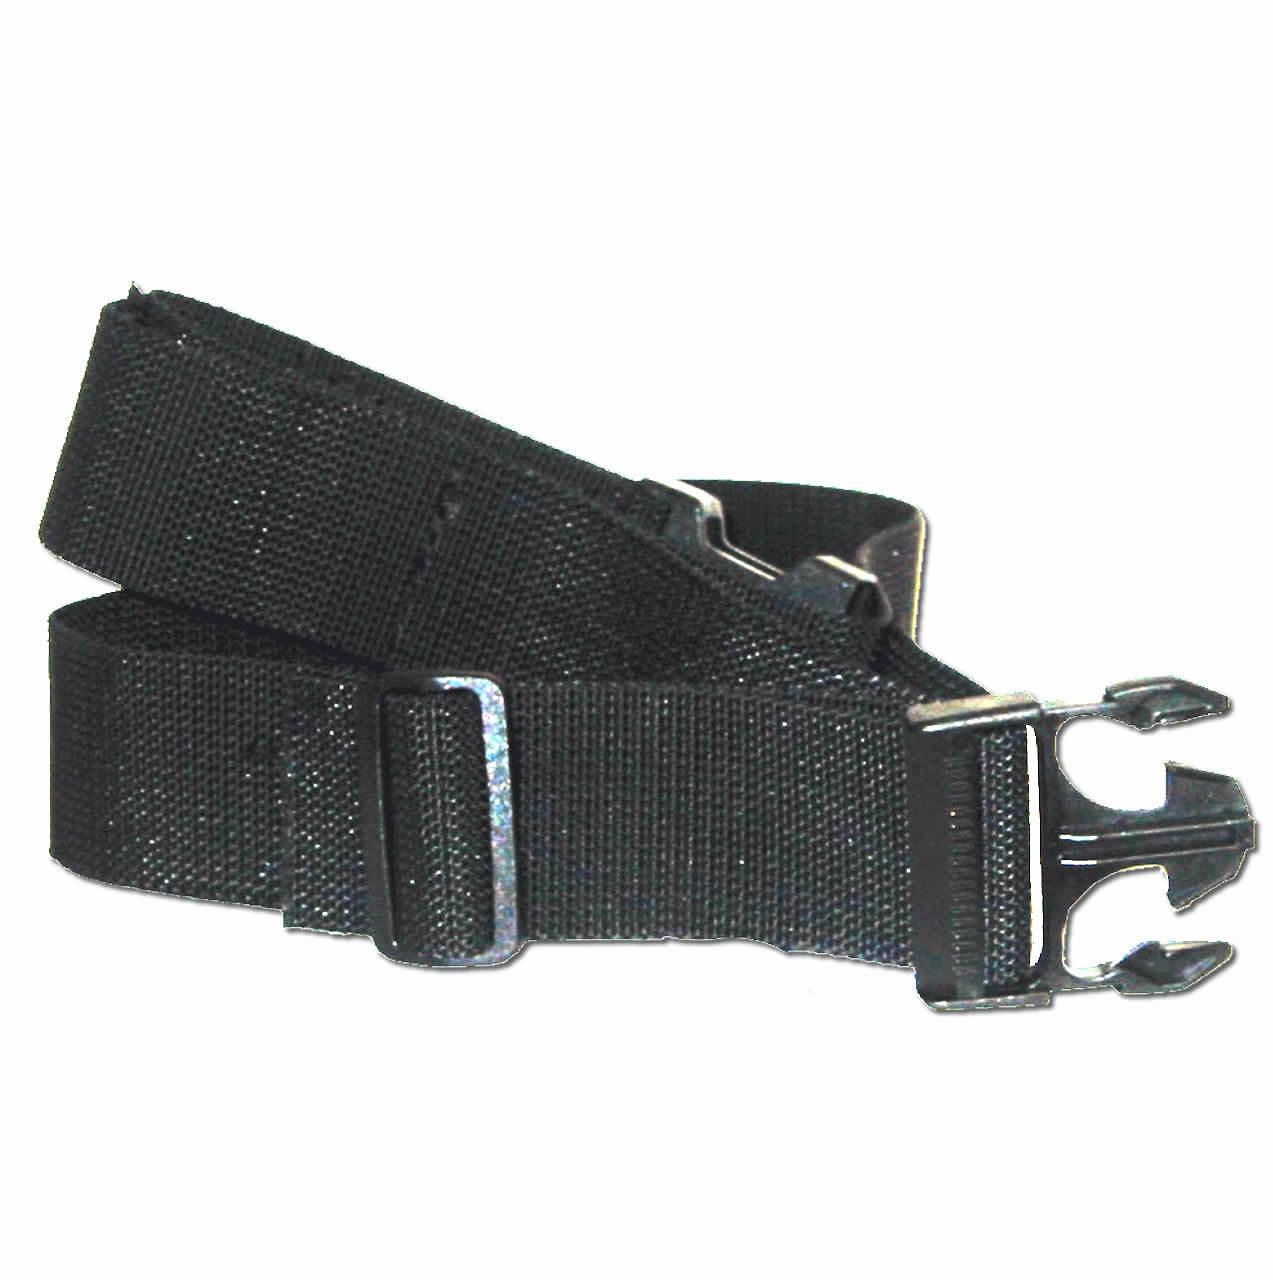 7061-1-nylon-belt-85638.1393459363.jpg